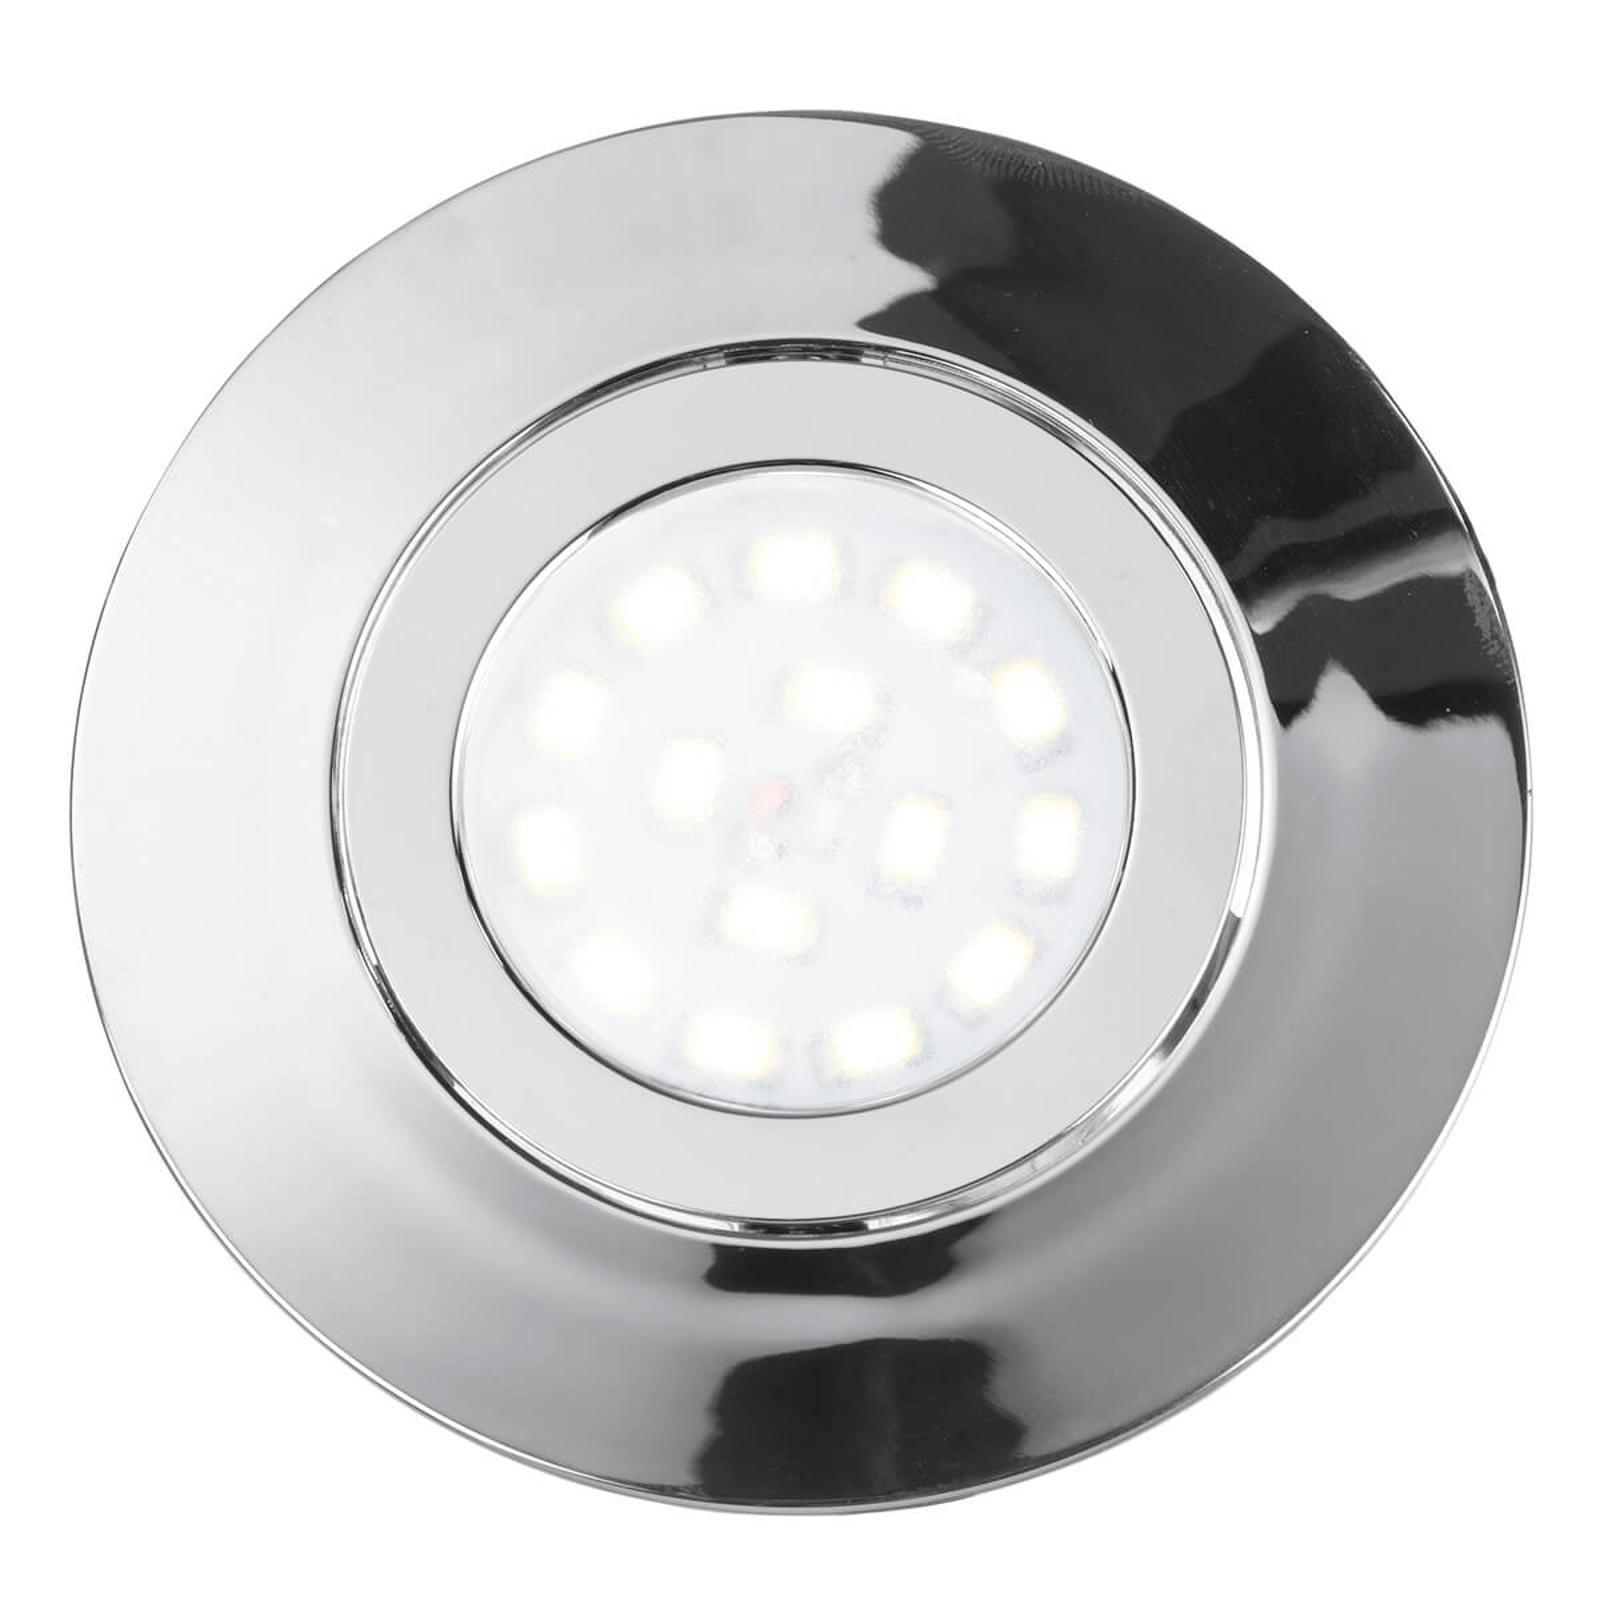 LED-Einbaustrahler Zenit mit IP44, chrom